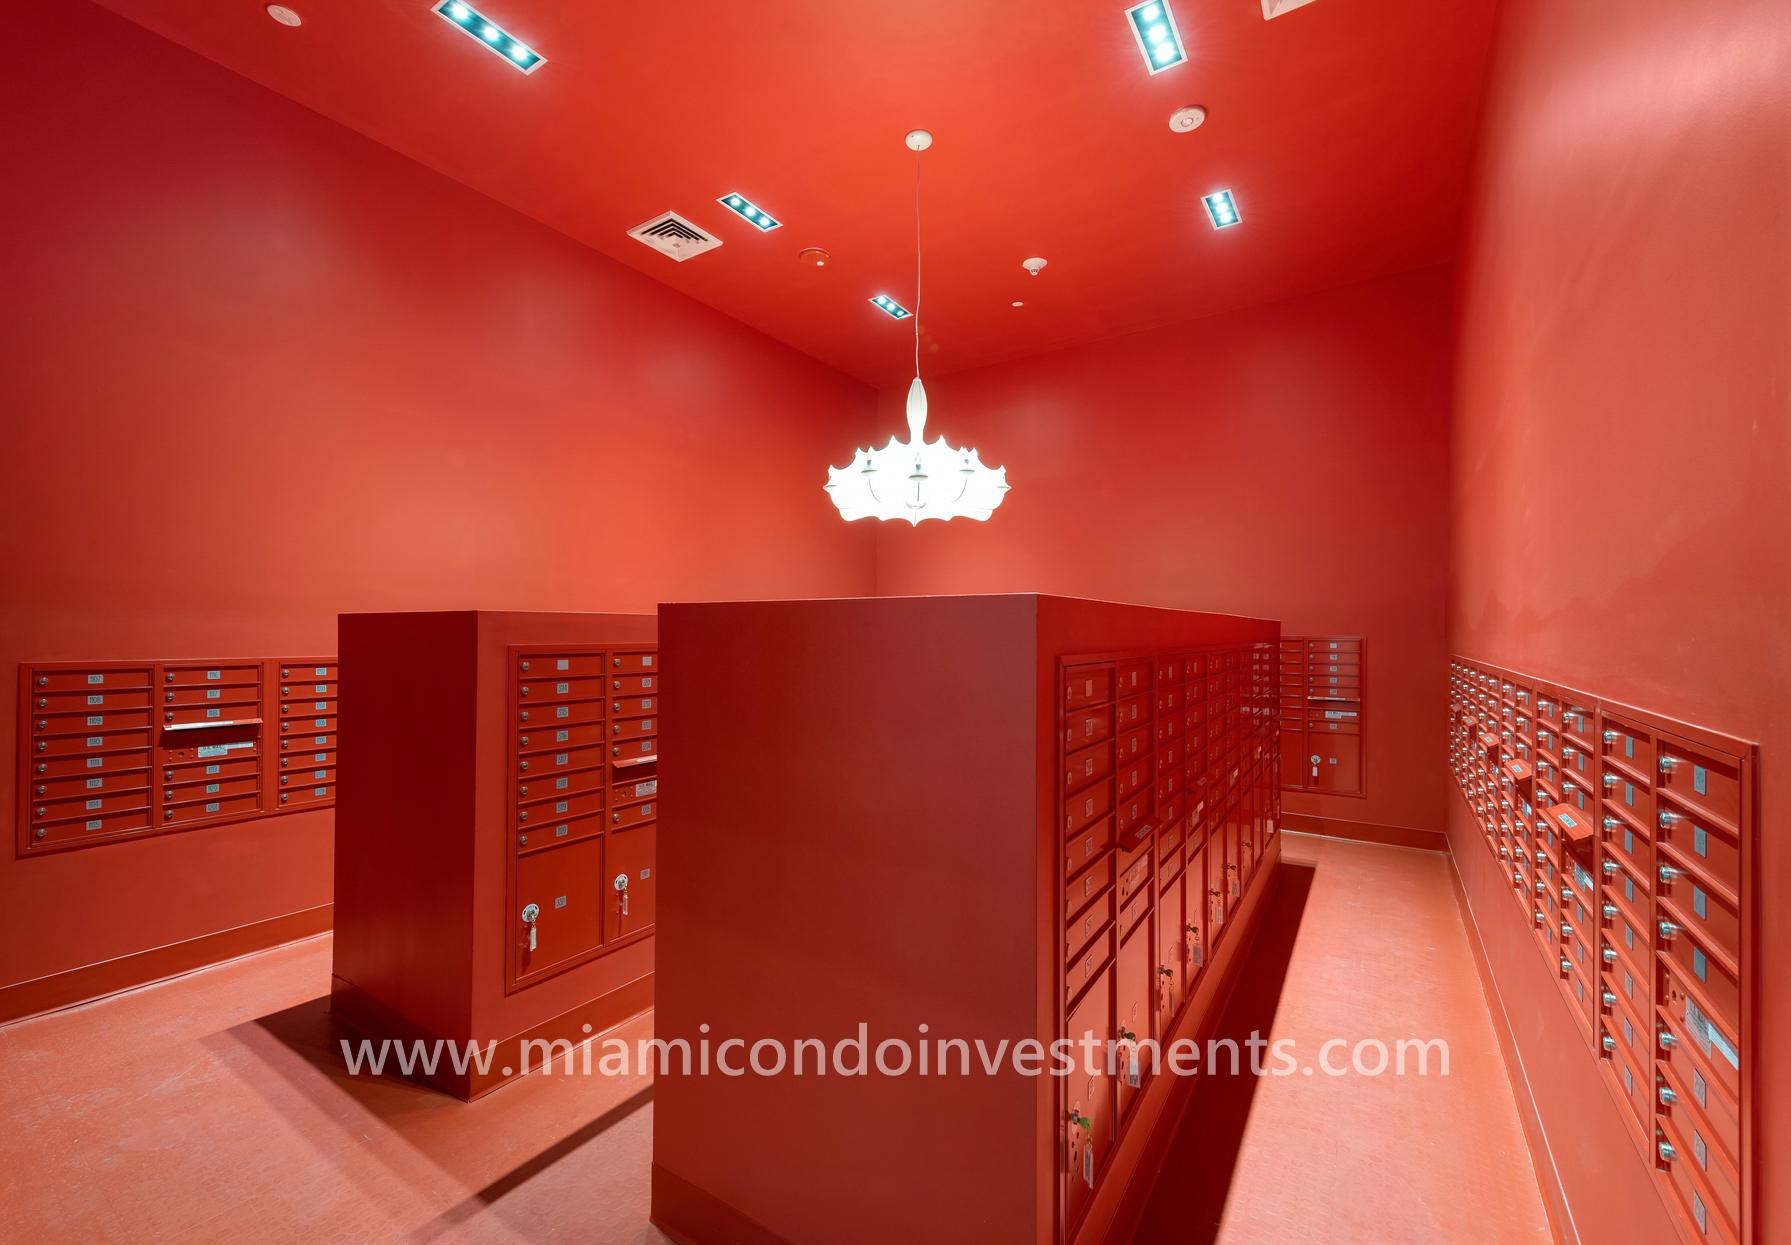 Mailroom at Canvas Condos